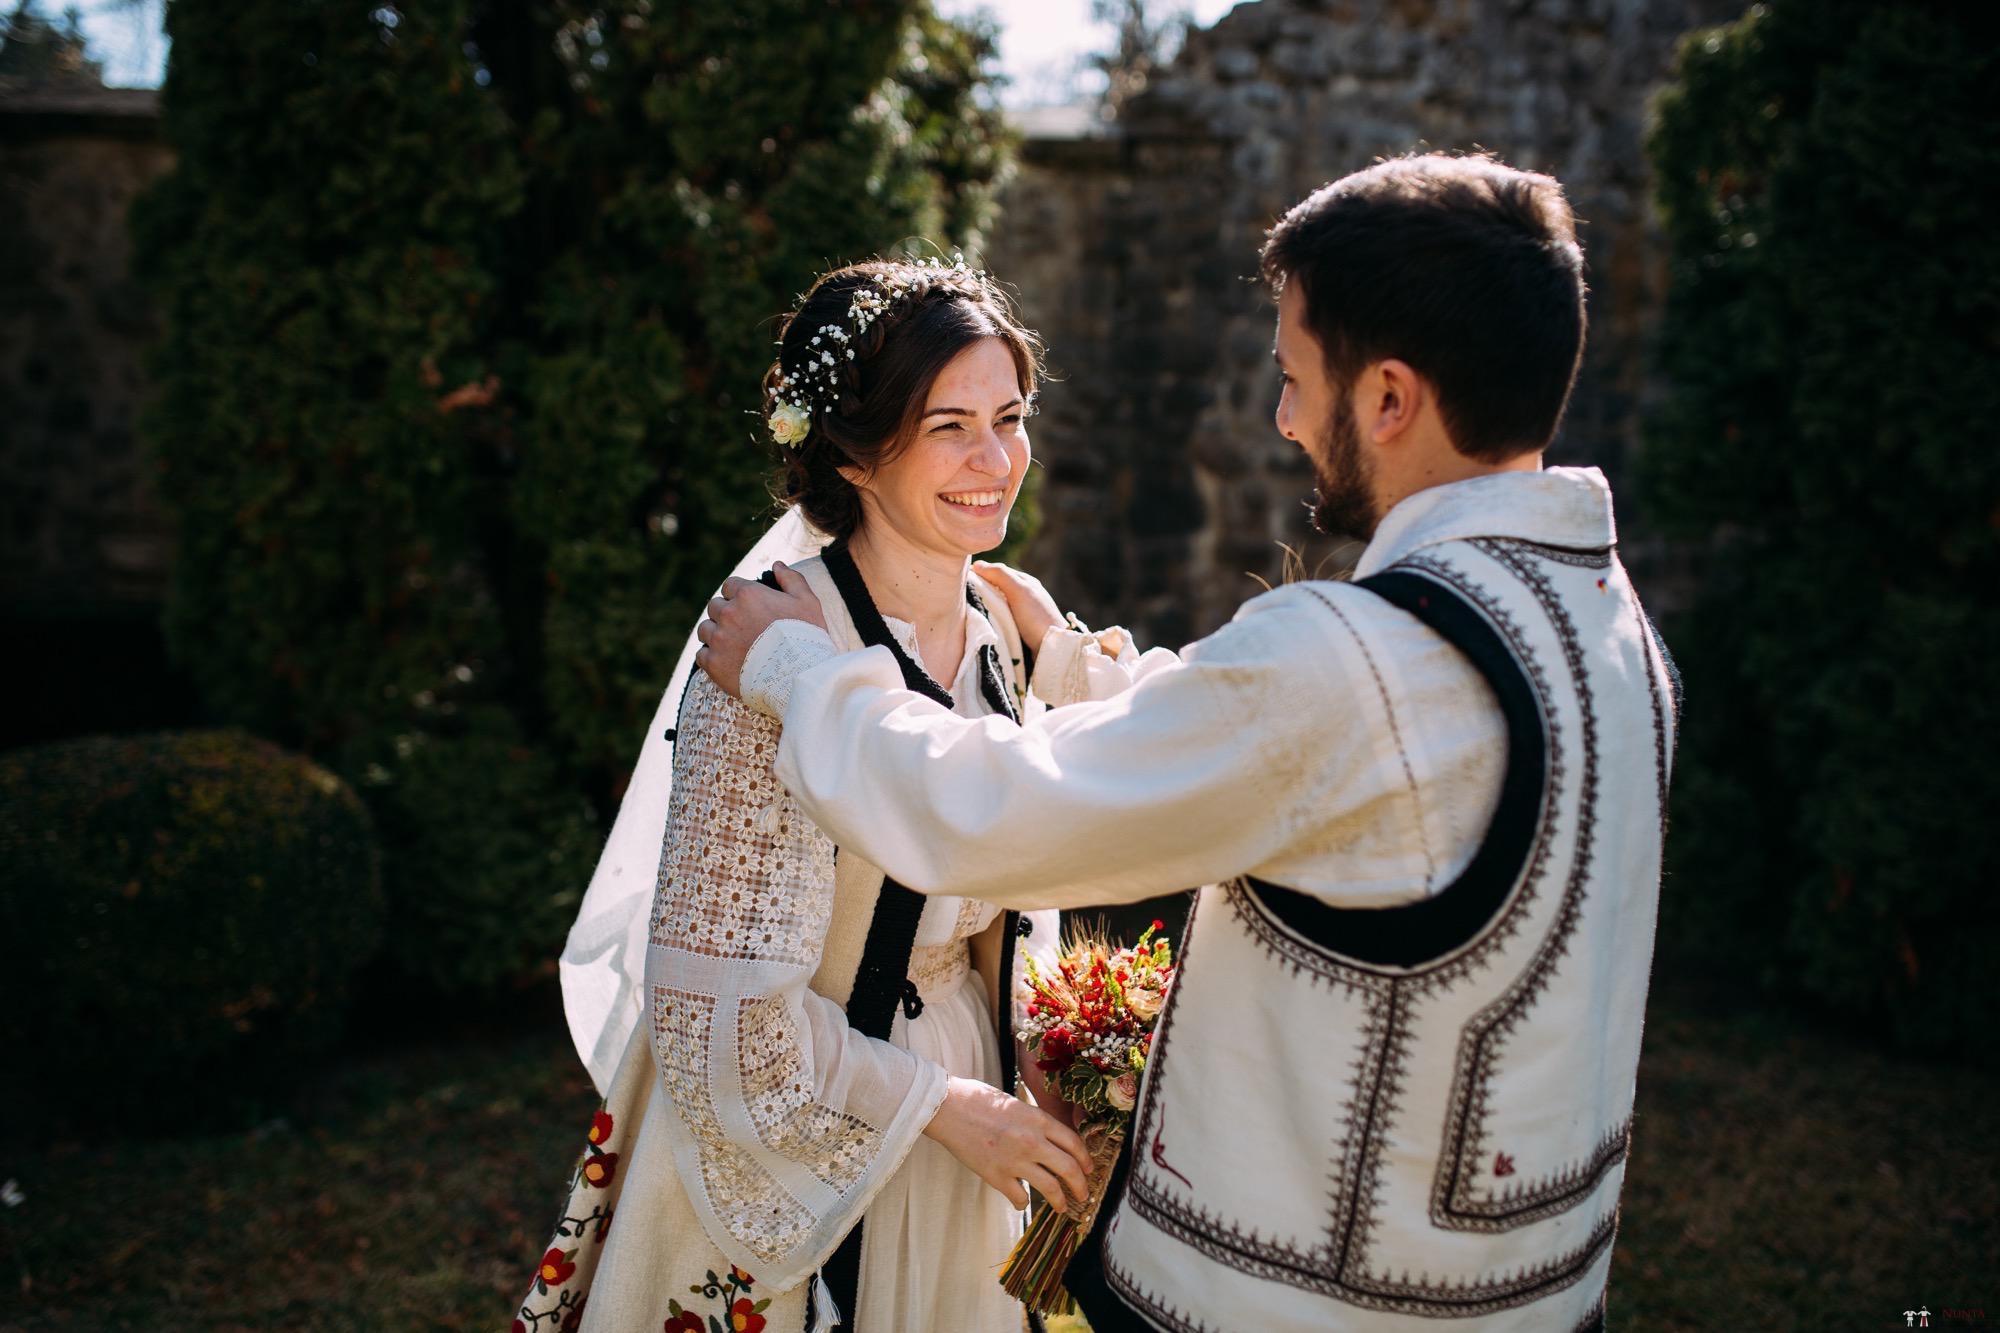 Povești Nunți Tradiționale - Gabriela și Adrian. Nuntă tradițională în Piatra Neamț 9